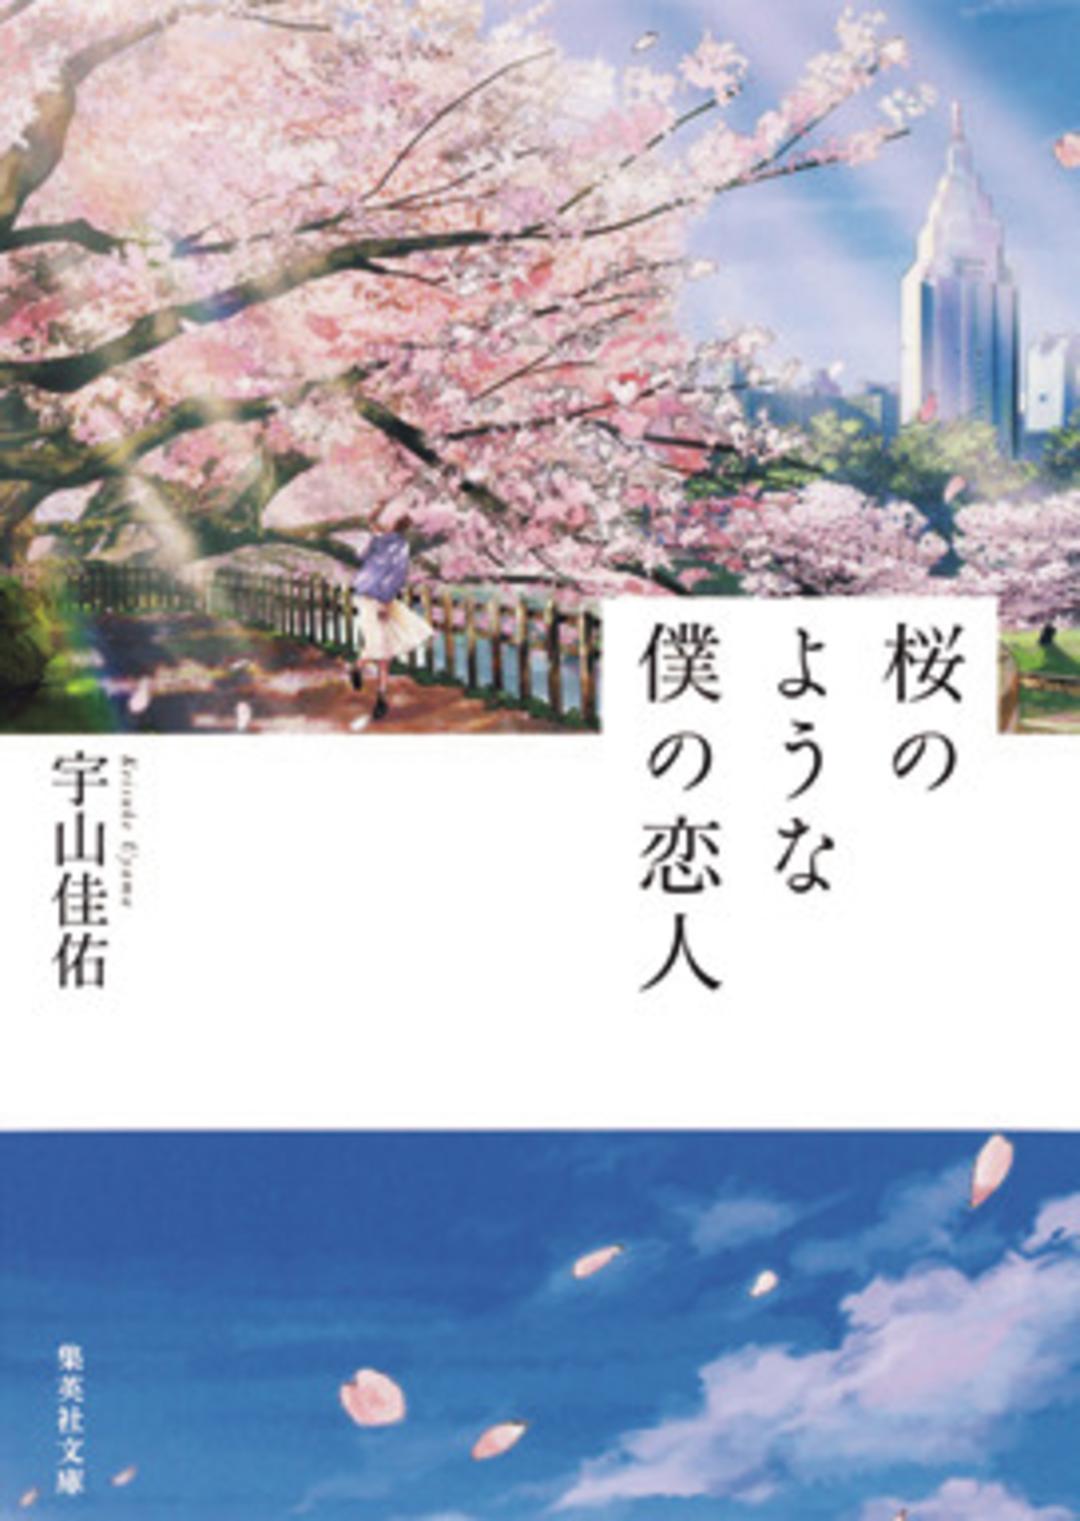 1位 『桜のような僕の恋人』